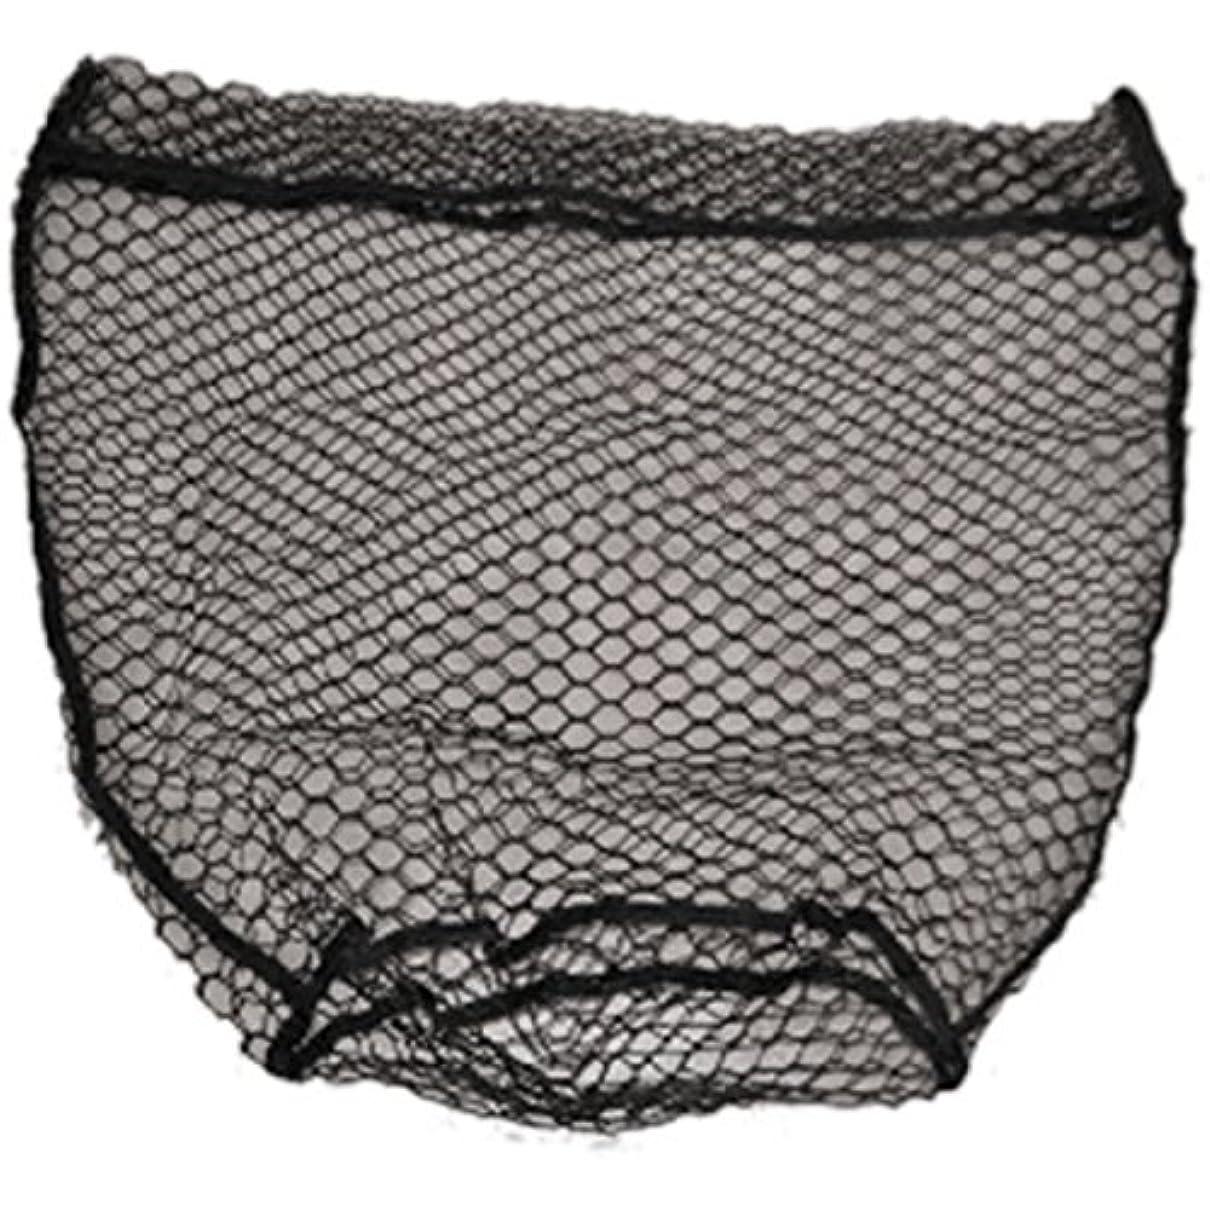 塩辛いサーバントエイリアスマルシン漁具 ラバーネット替網(荒目) 60cm